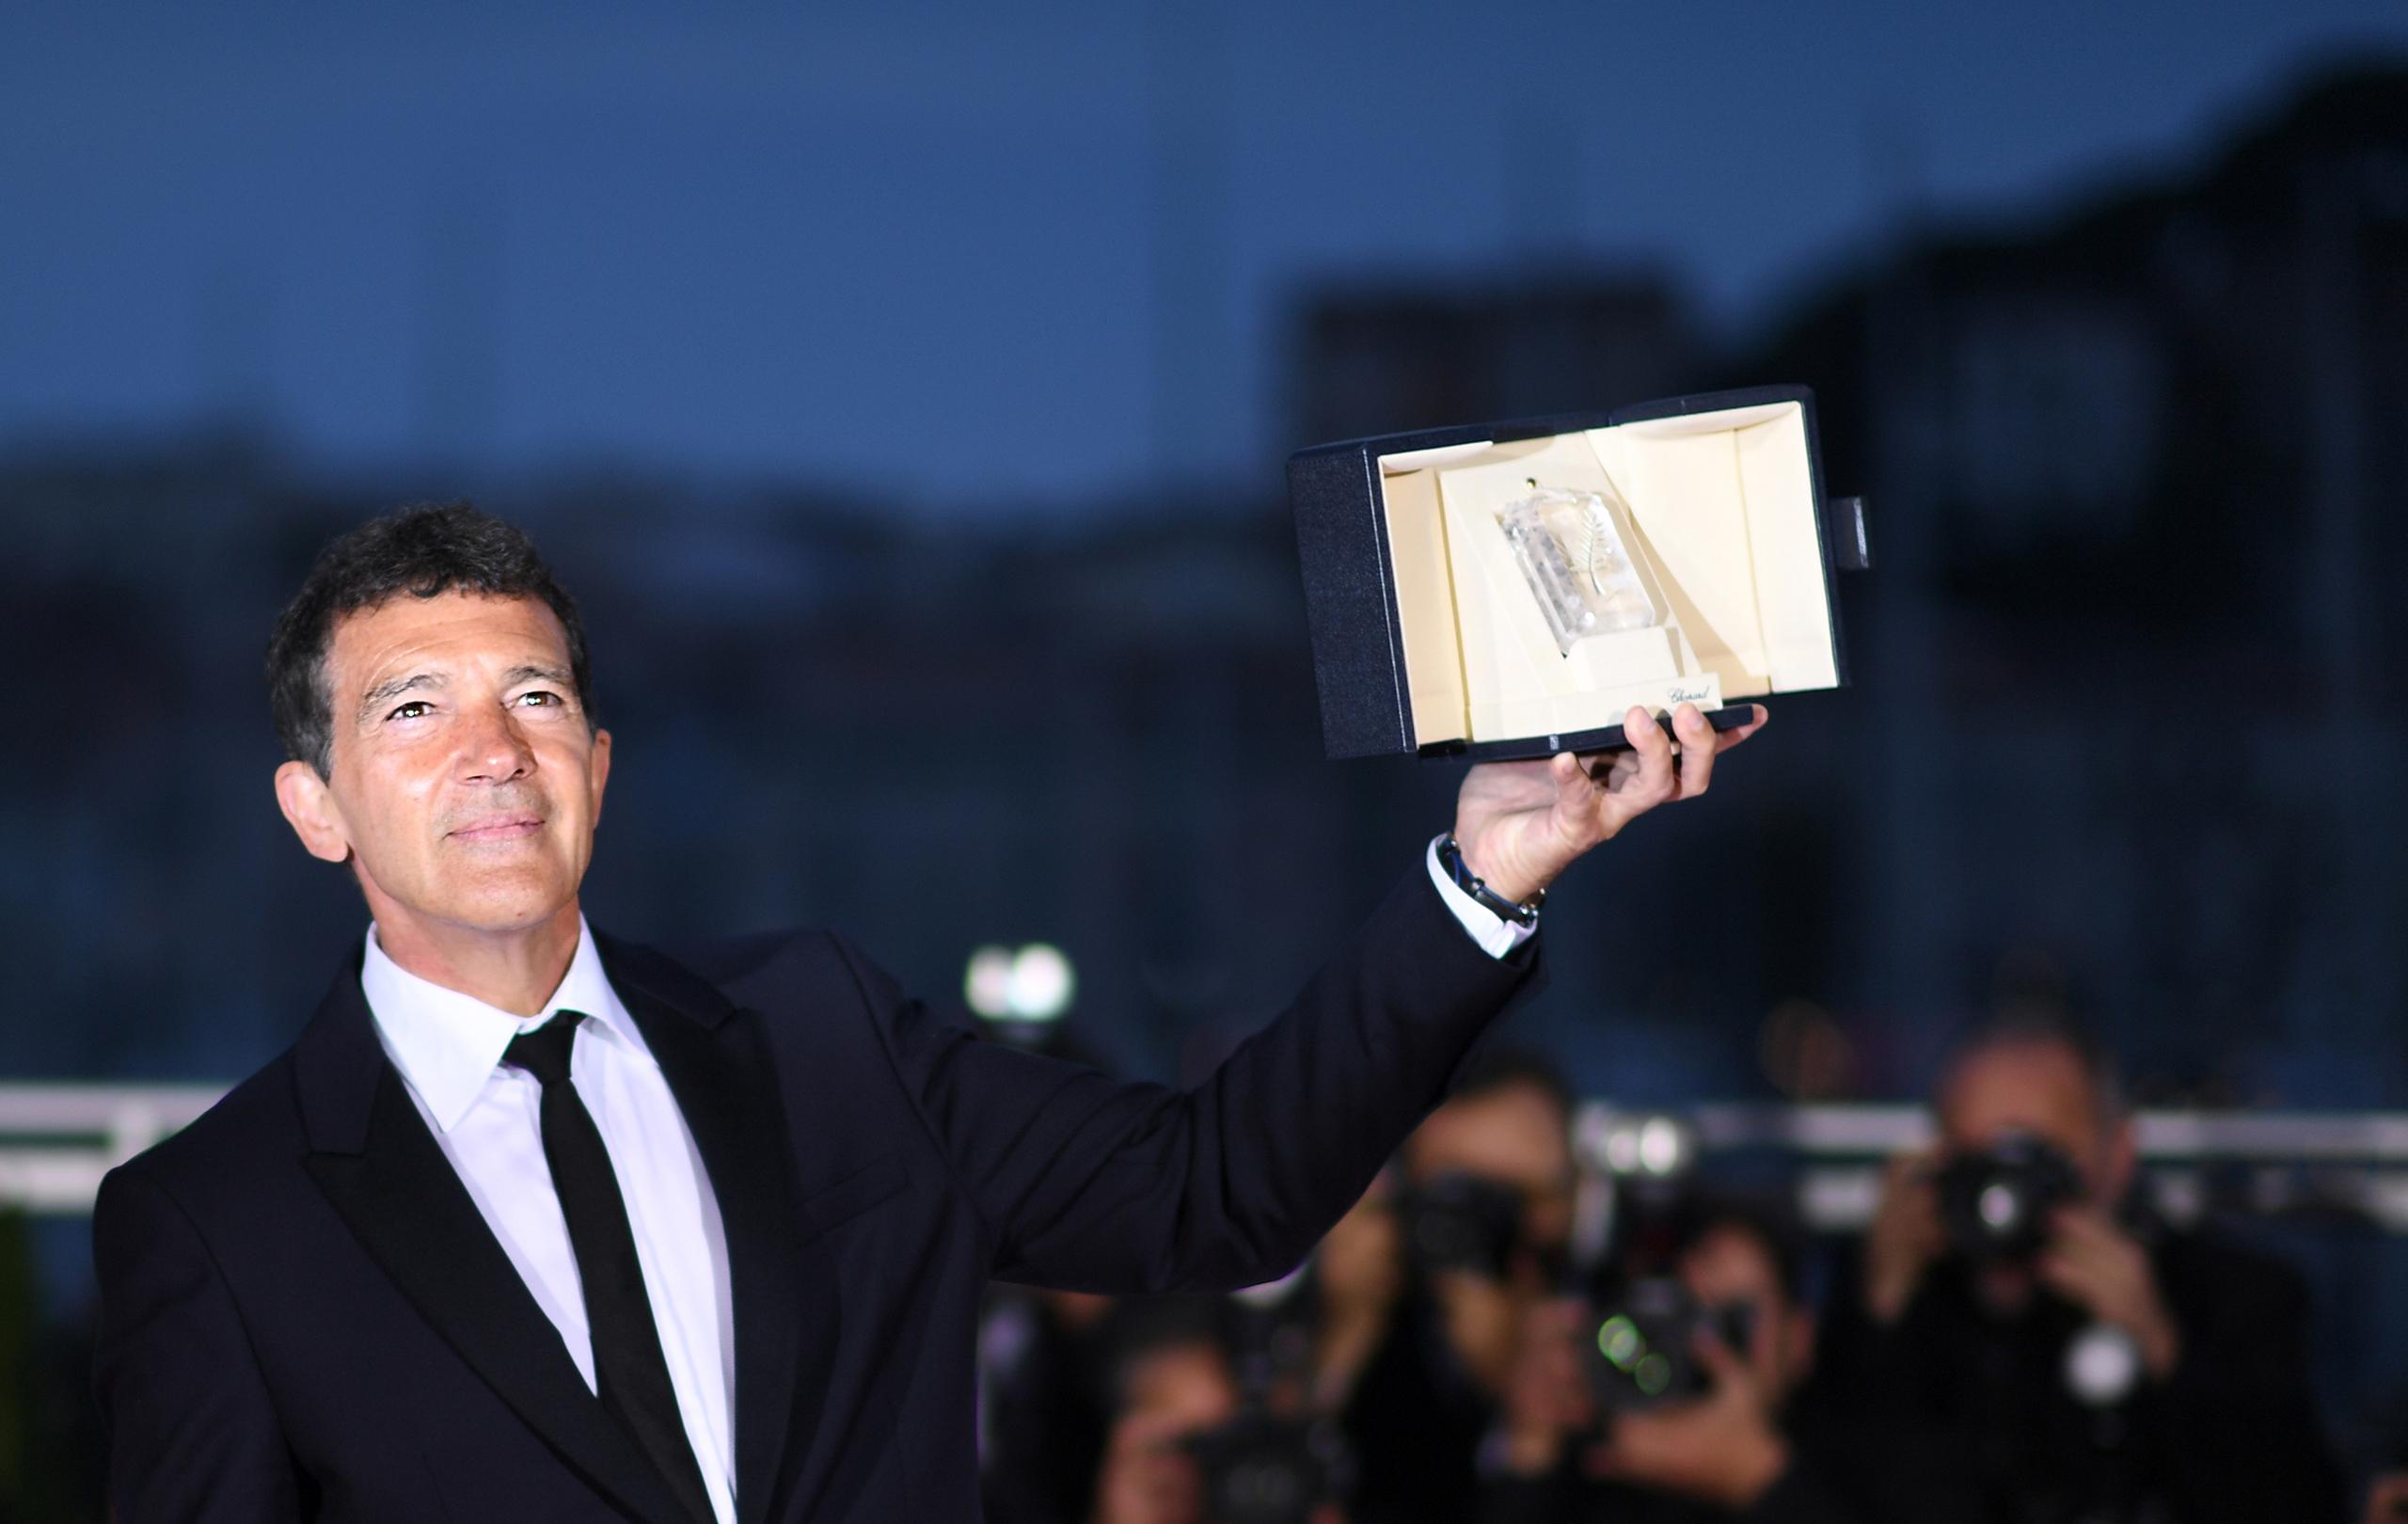 Antonio Banderas triunfa en el Festival de Cannes con 'Dolor y gloria'